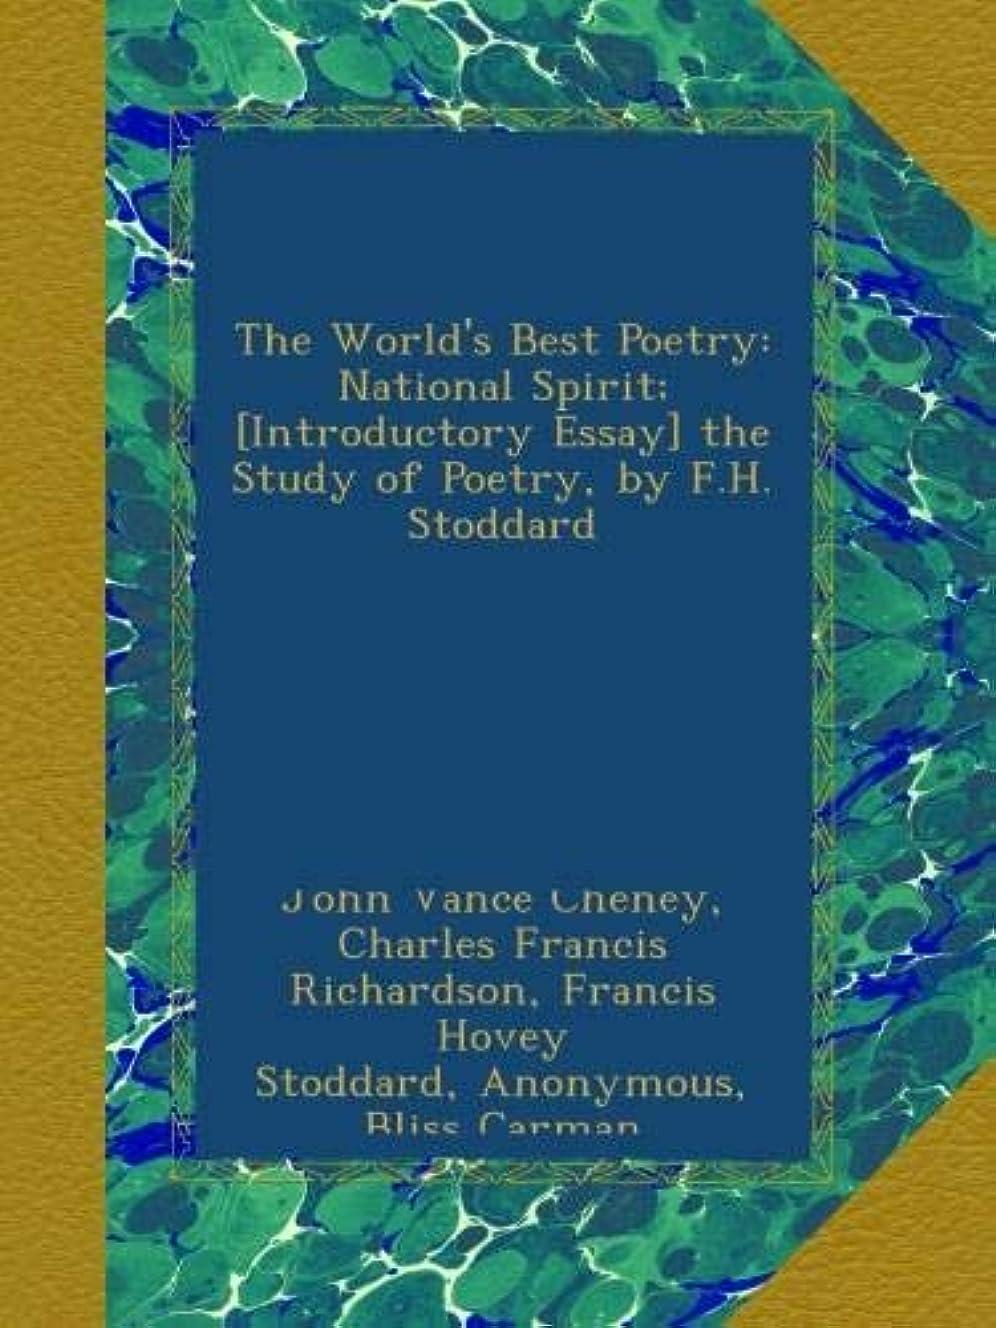 避難プロペラ無知The World's Best Poetry: National Spirit; [Introductory Essay] the Study of Poetry, by F.H. Stoddard